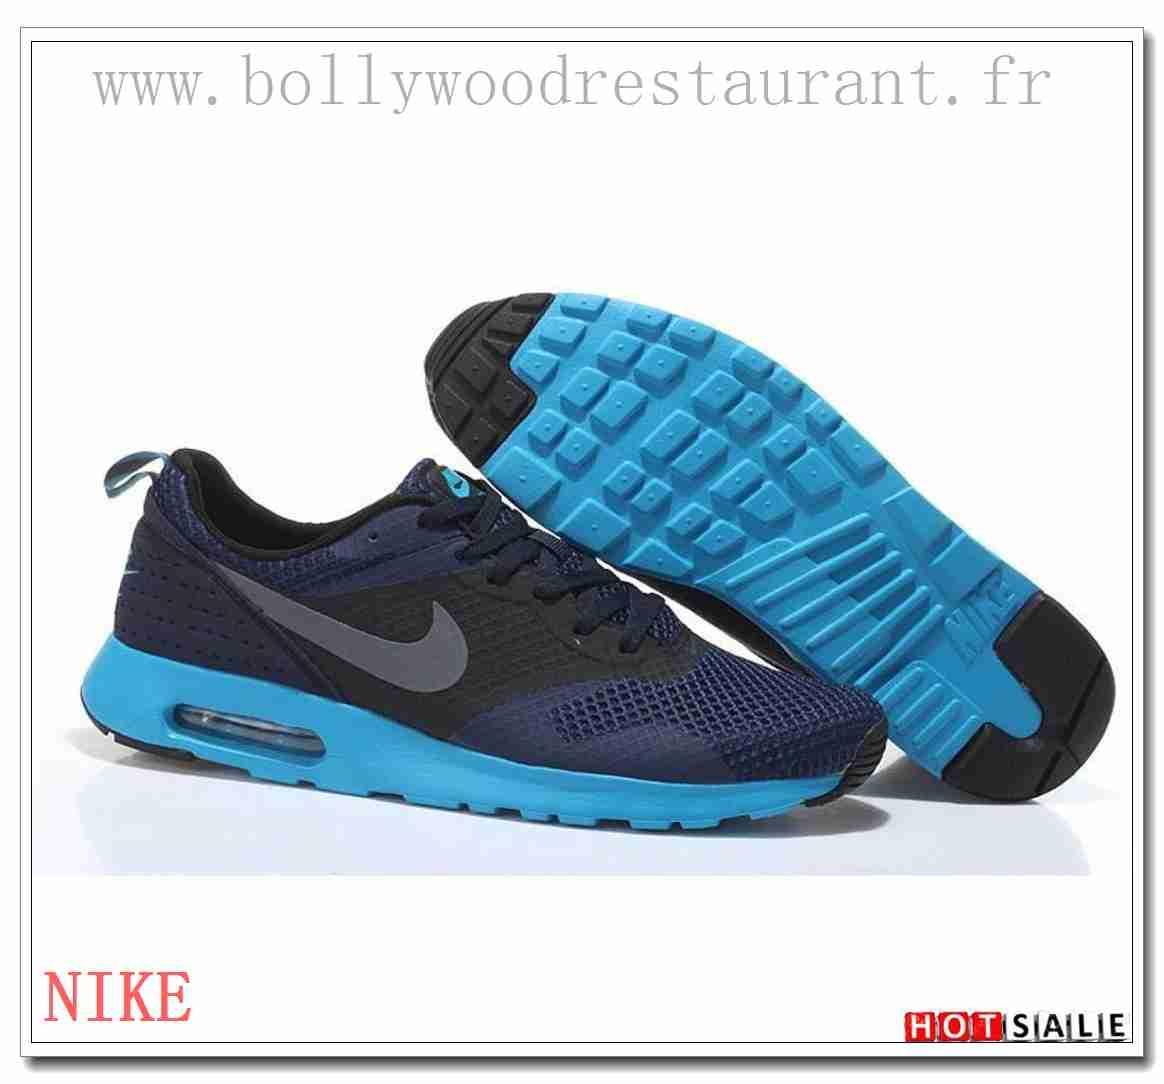 brand new e194d db553 IT6169 Nouveau Style 2018 Nouveau style Nike Air Max Tavas - Homme  Chaussures - Promotions Vente